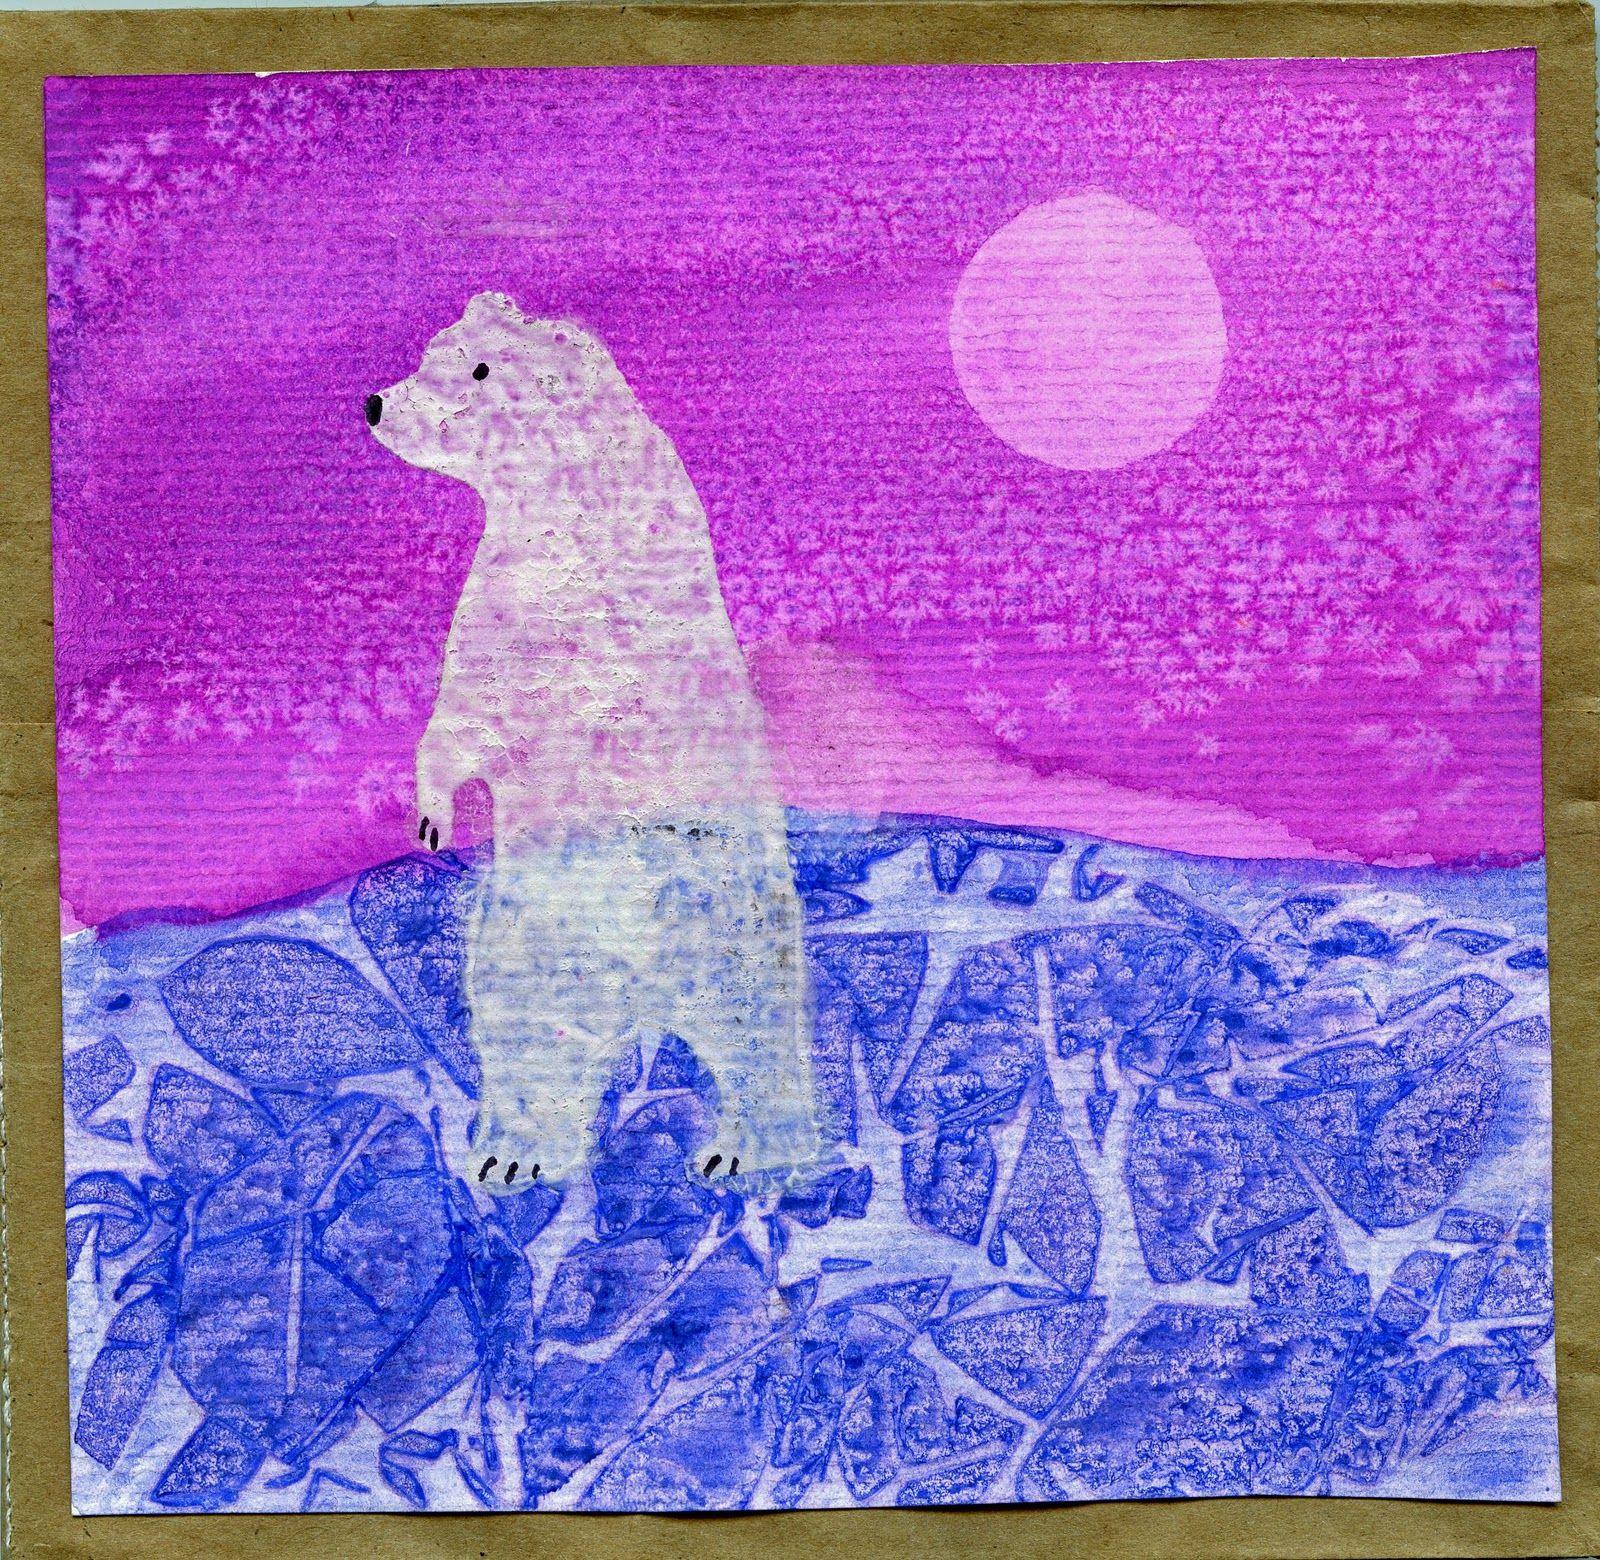 polarsampleBartelJan2011102.jpg 1600×1560 pikseliä